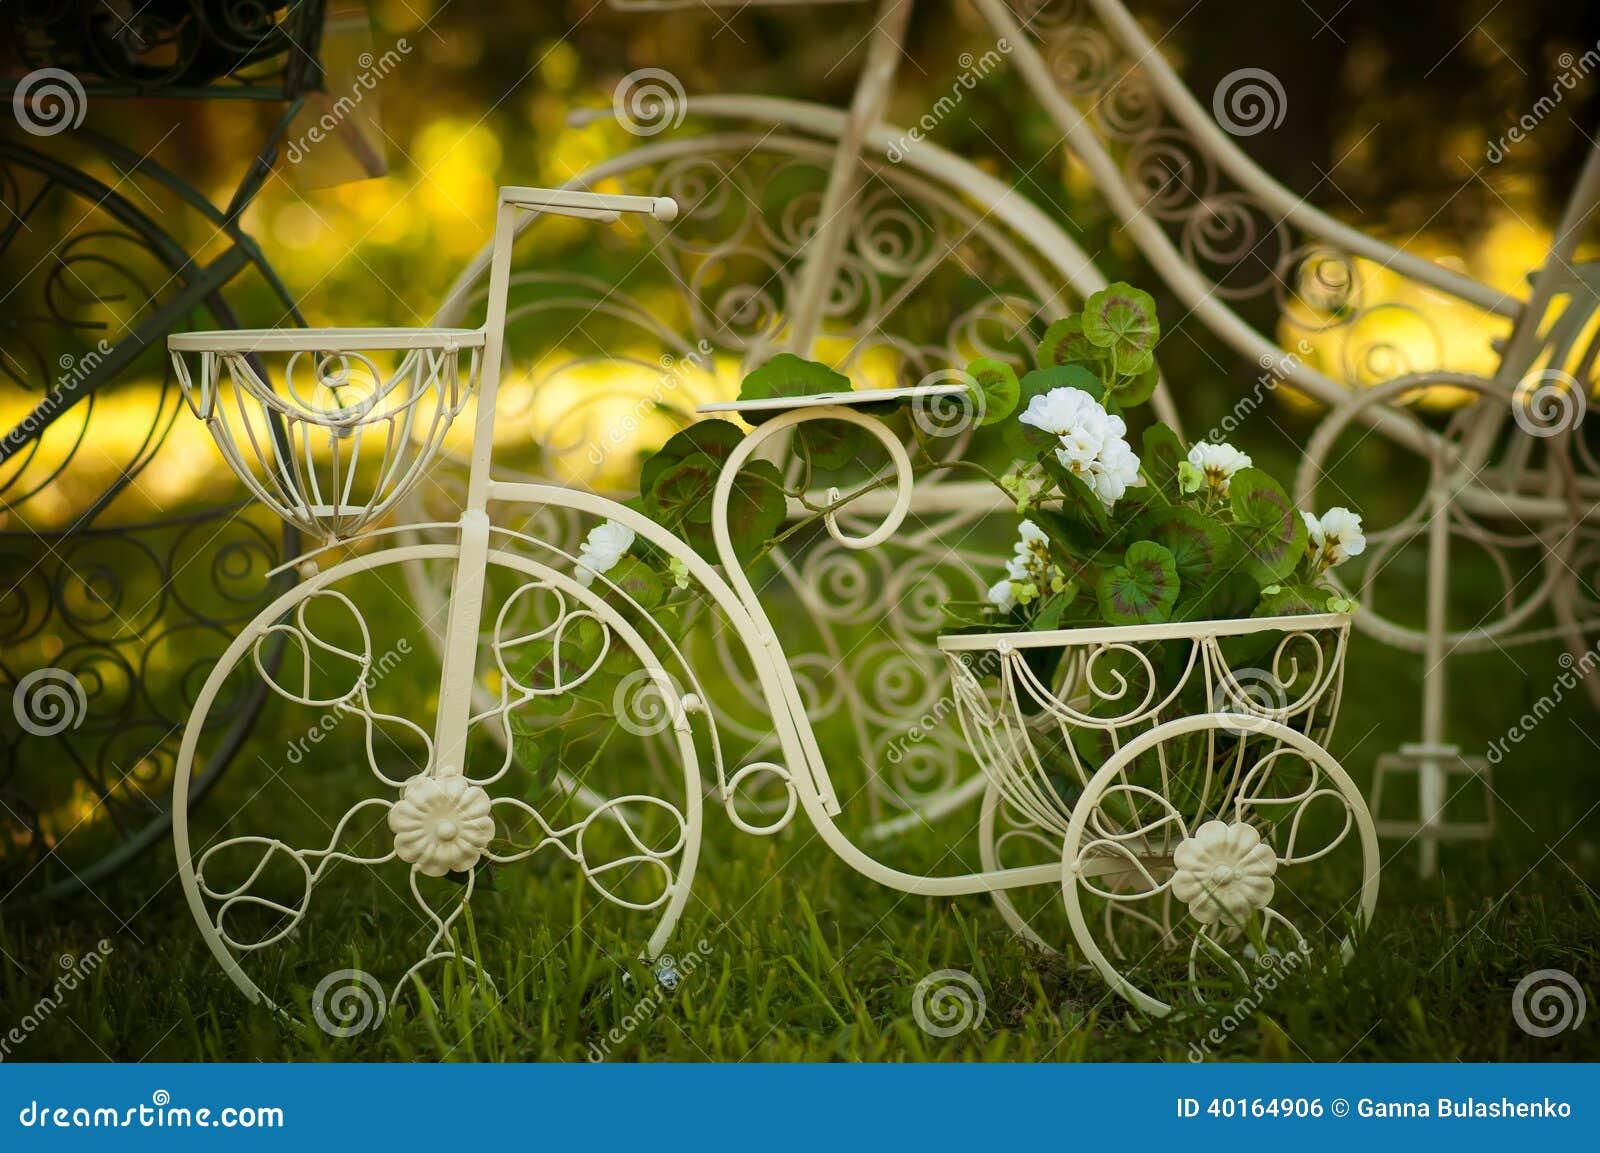 D coration de v lo de jardin photo stock image 40164906 - Velo decoration ...